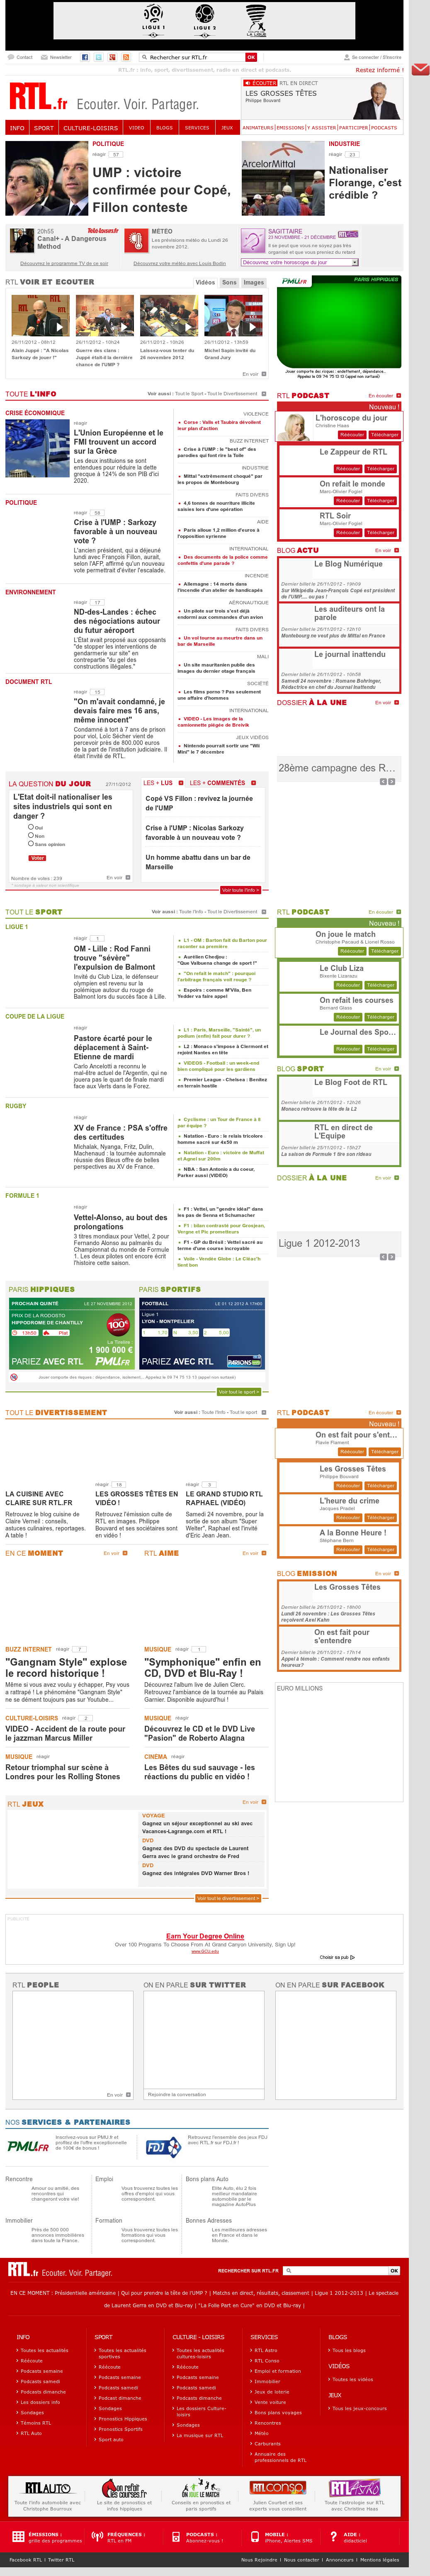 RTL at Tuesday Nov. 27, 2012, 2:29 a.m. UTC